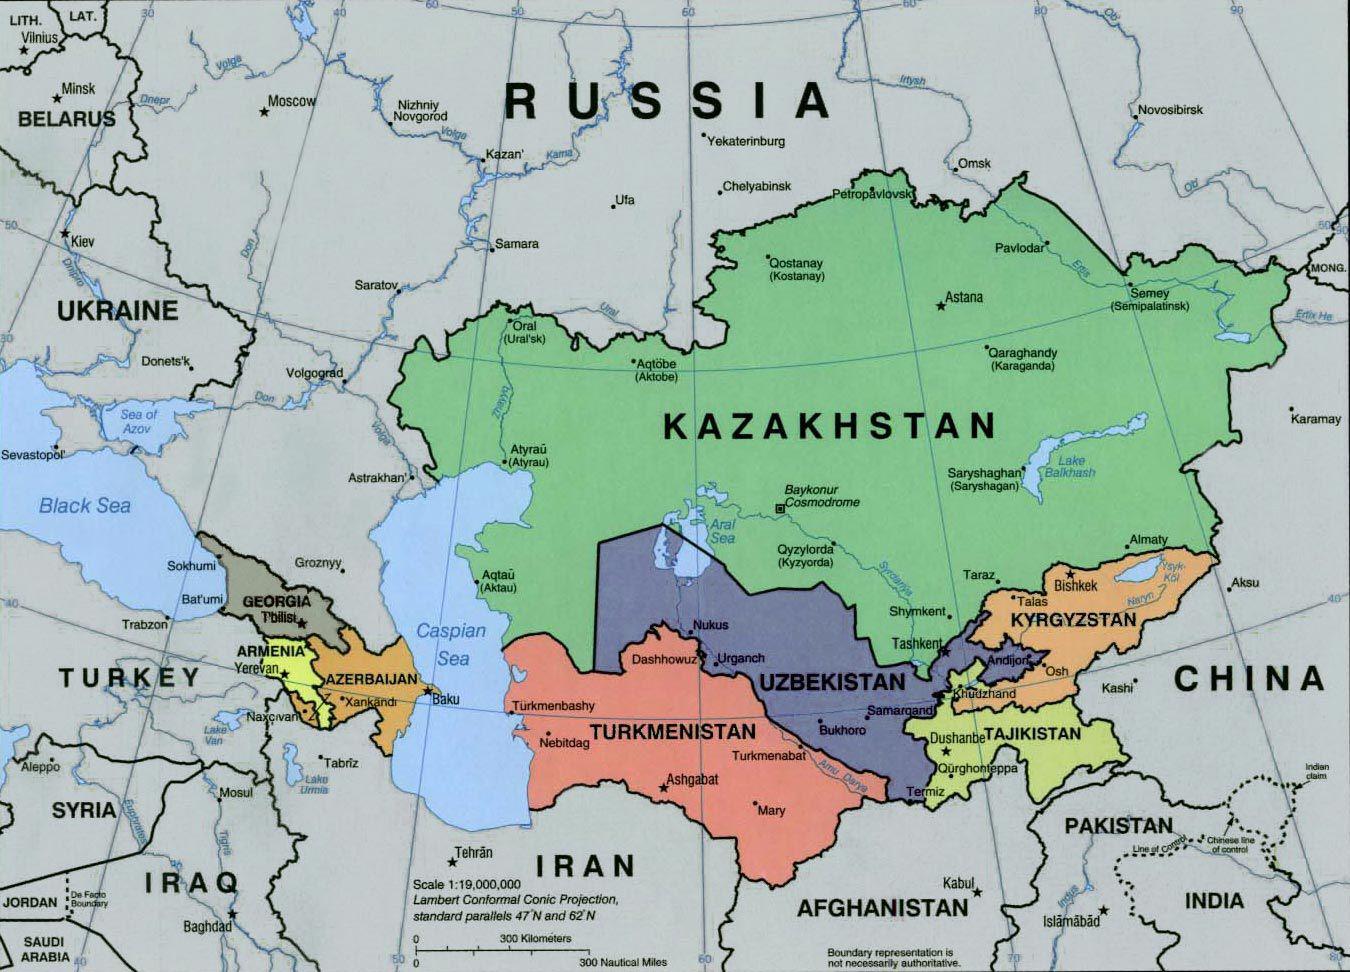 Le Kazakhstan a une frontière commune avec les principaux rivaux des États-Unis : la Russie et la Chine.